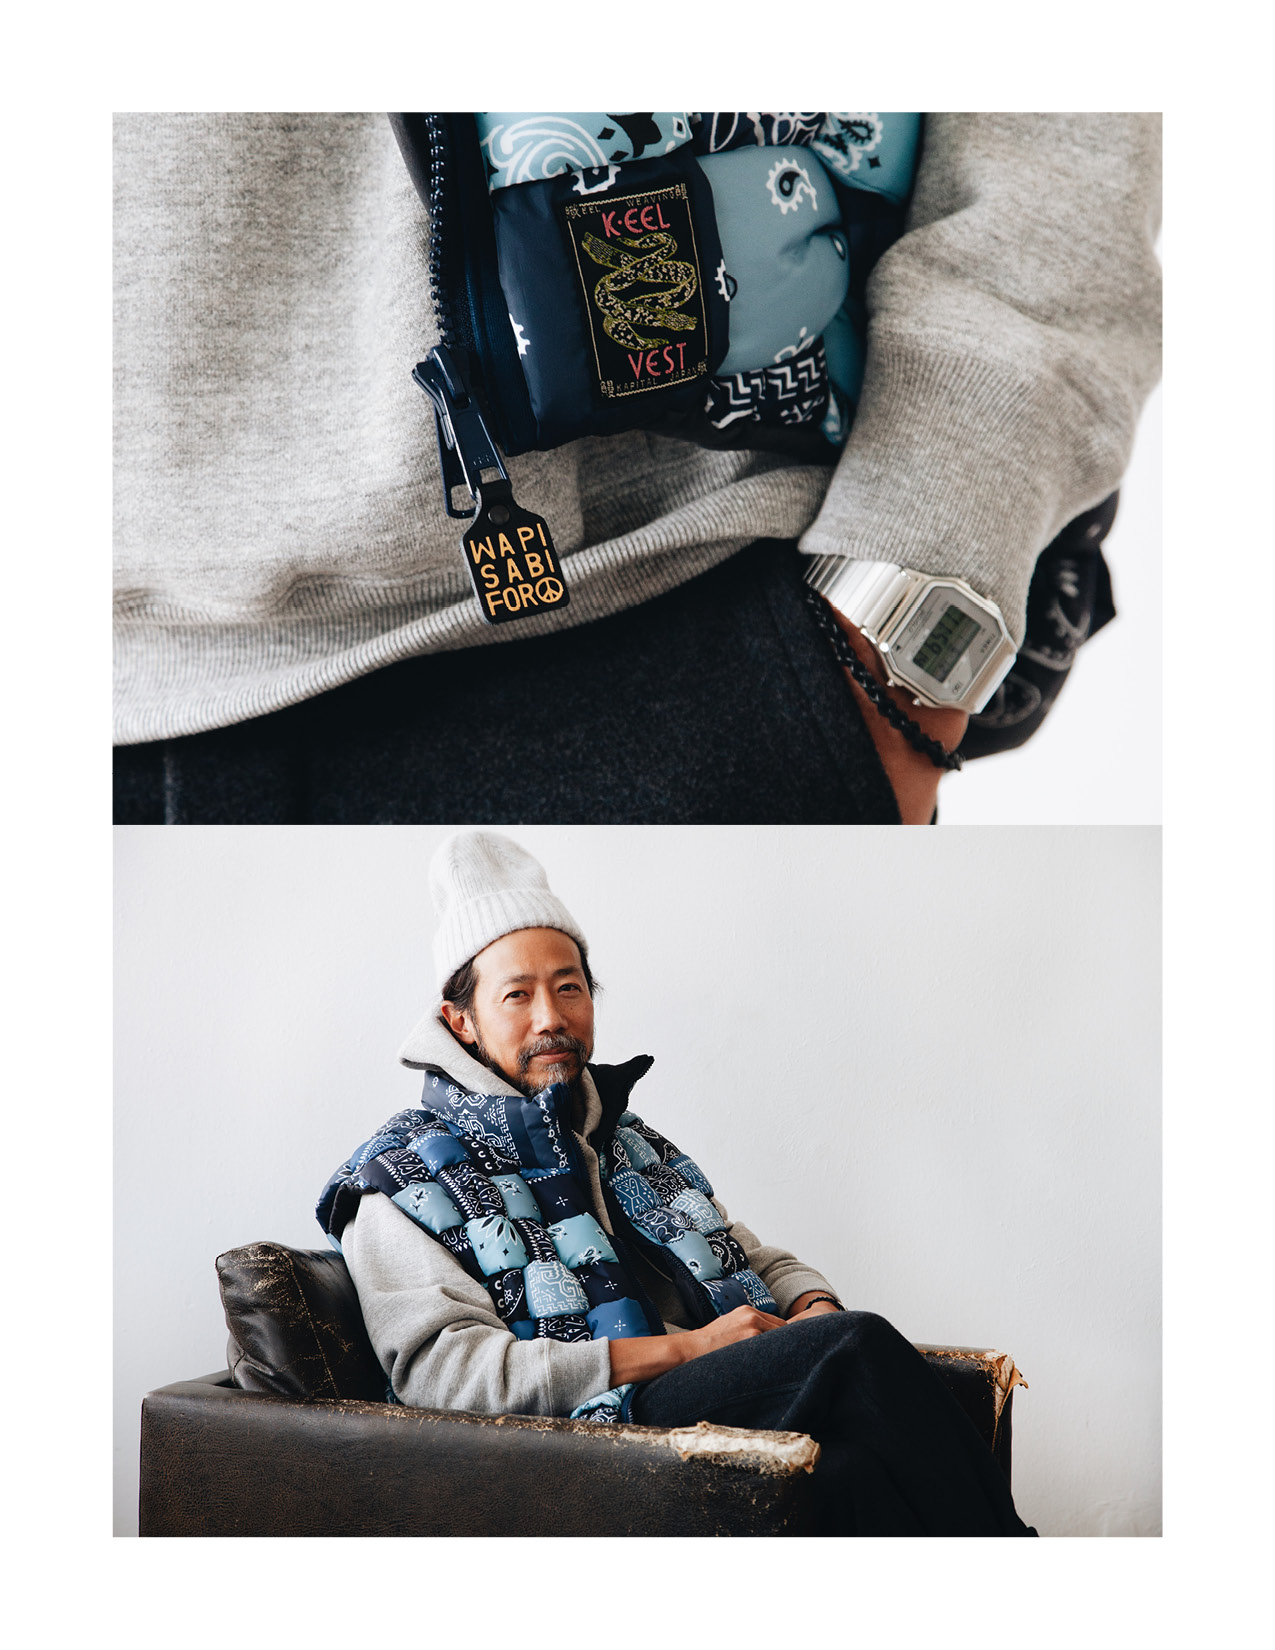 kapital bandana print nylon keel-weaving vest, orslow hooded sweatshirt, orslow french work pants on body